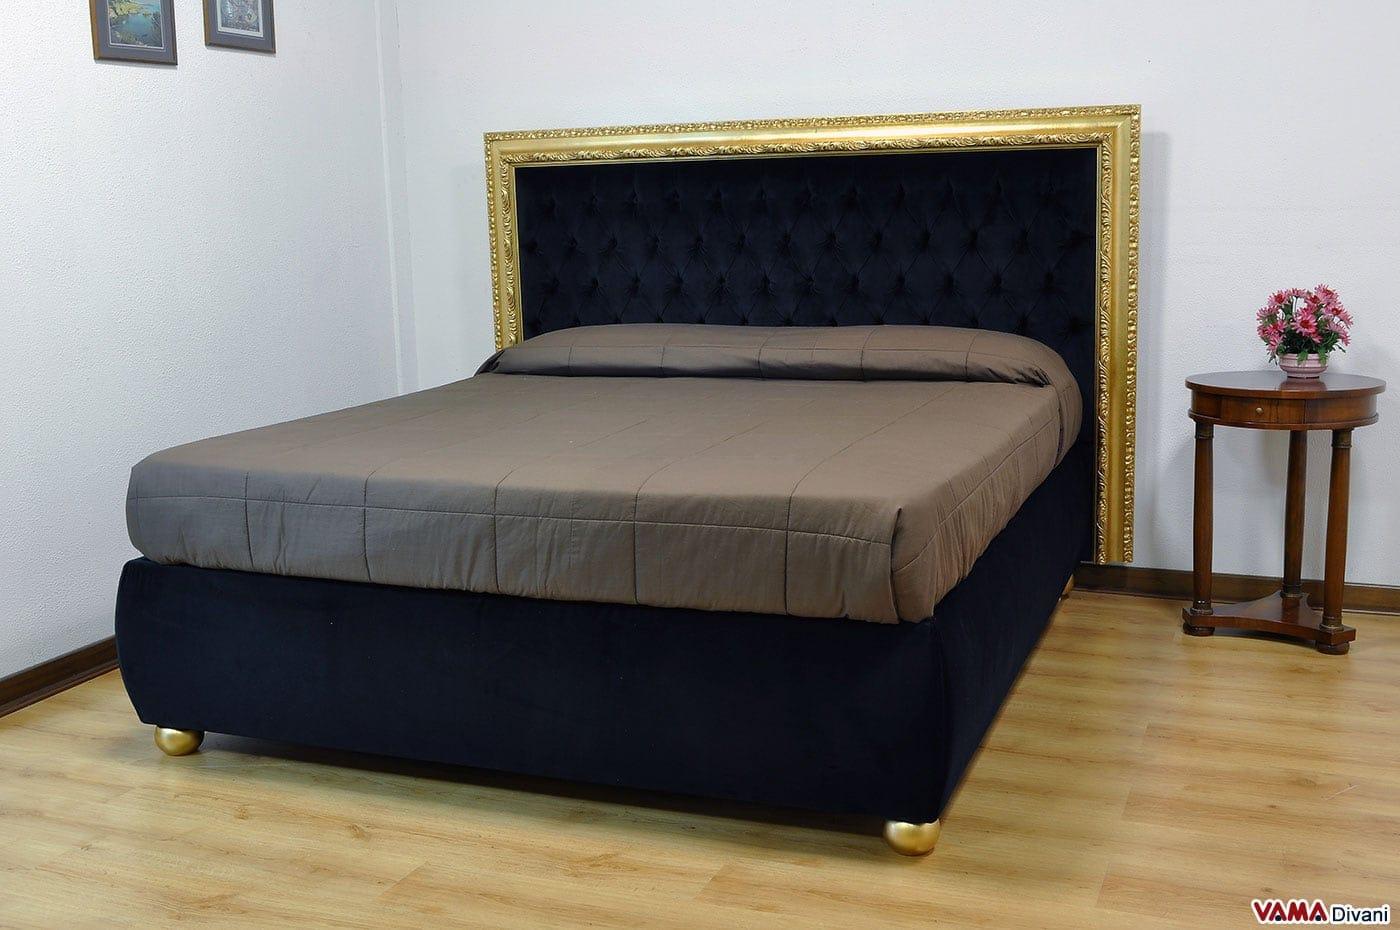 Letto matrimoniale di lusso in velluto con cornice foglia oro - Dove comprare un letto matrimoniale ...